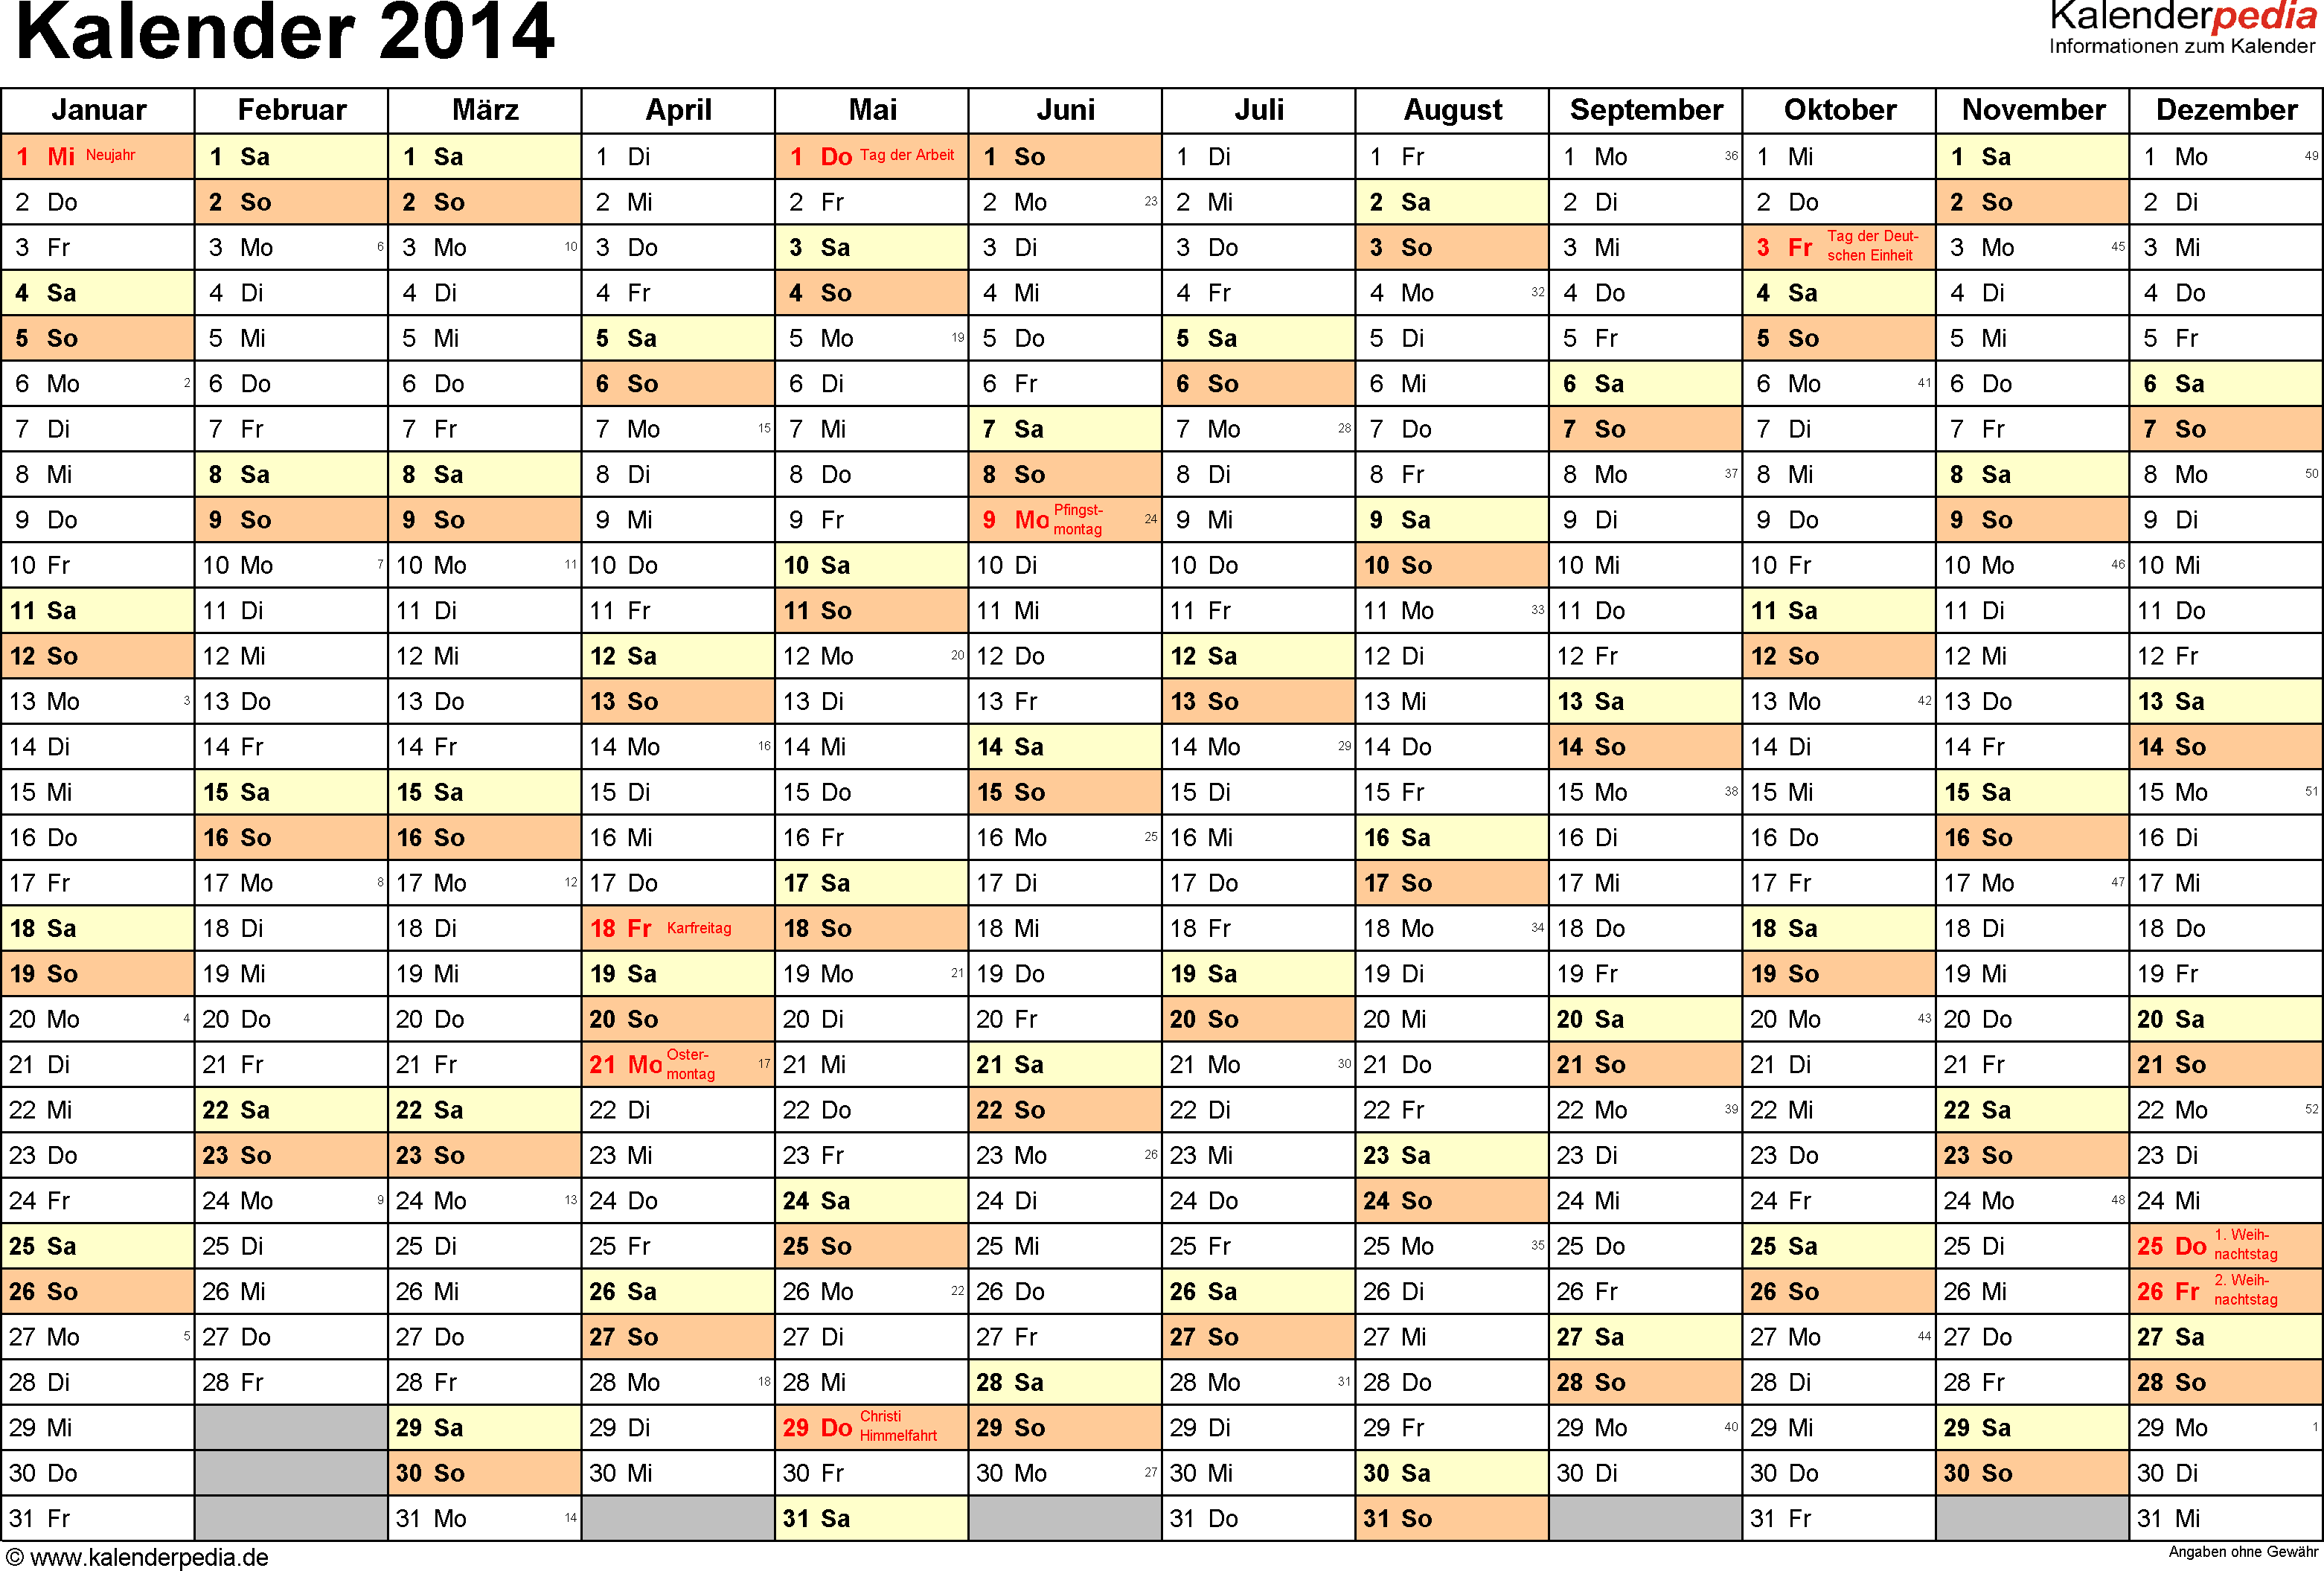 Vorlage 2: Kalender 2014 für Word, Querformat, 1 Seite, Monate nebeneinander